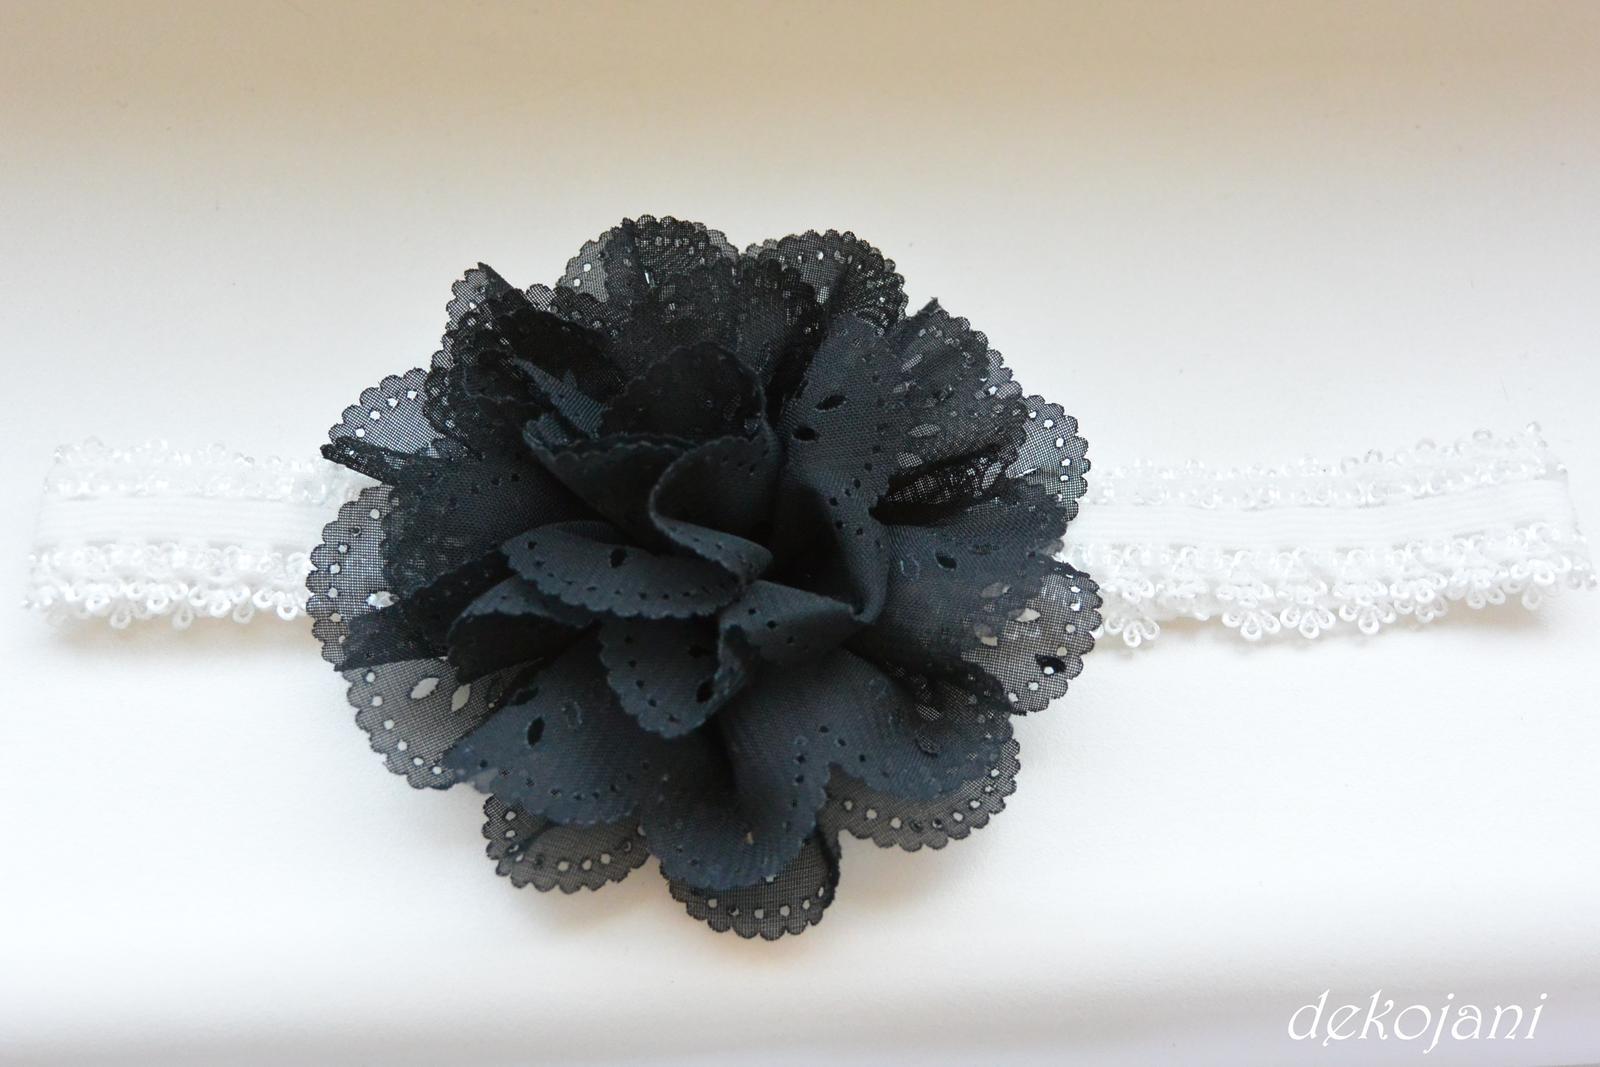 Čelenky, květiny do vlasů, náramky, obojek pro pejska... - Obrázek č. 66